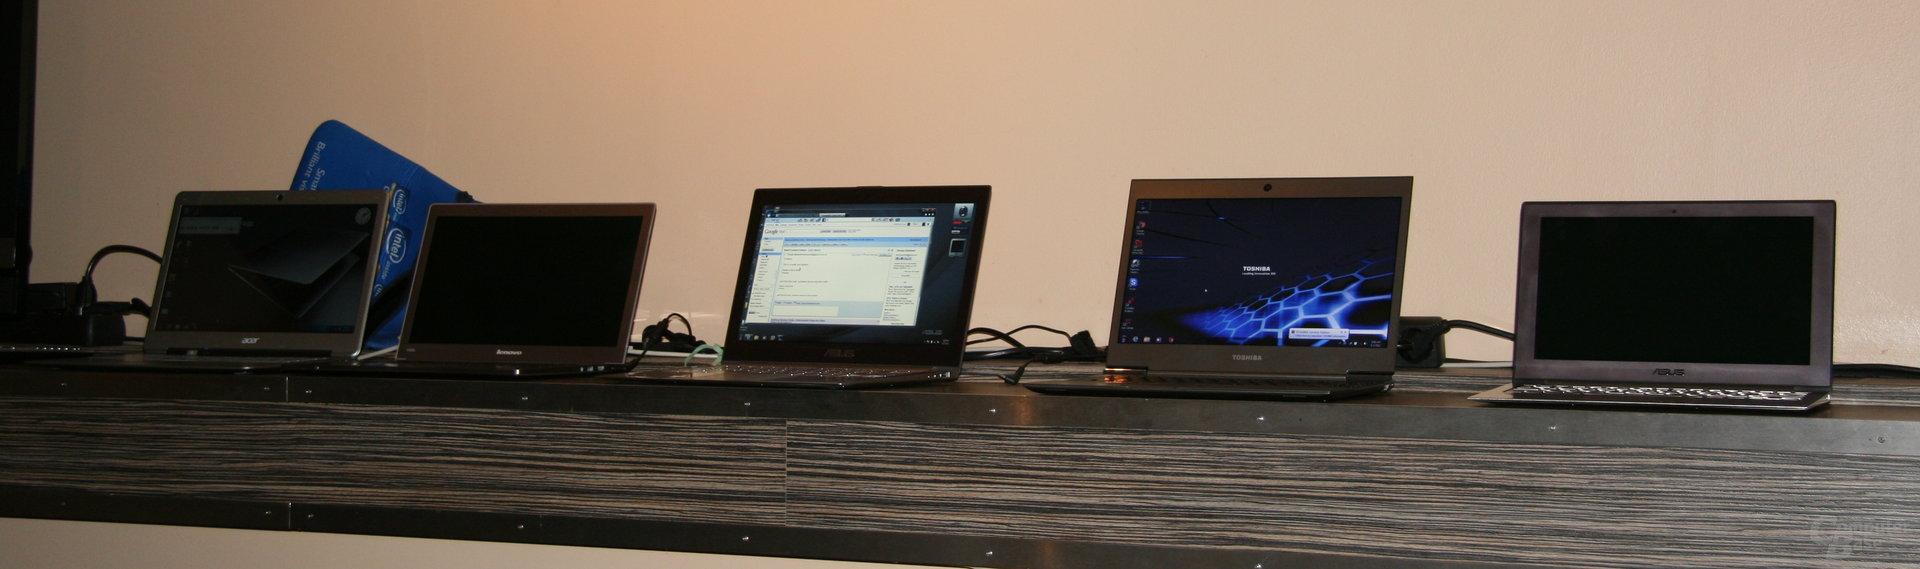 Ultrabooks von Acer, Asus, Lenovo und Toshiba im Bild